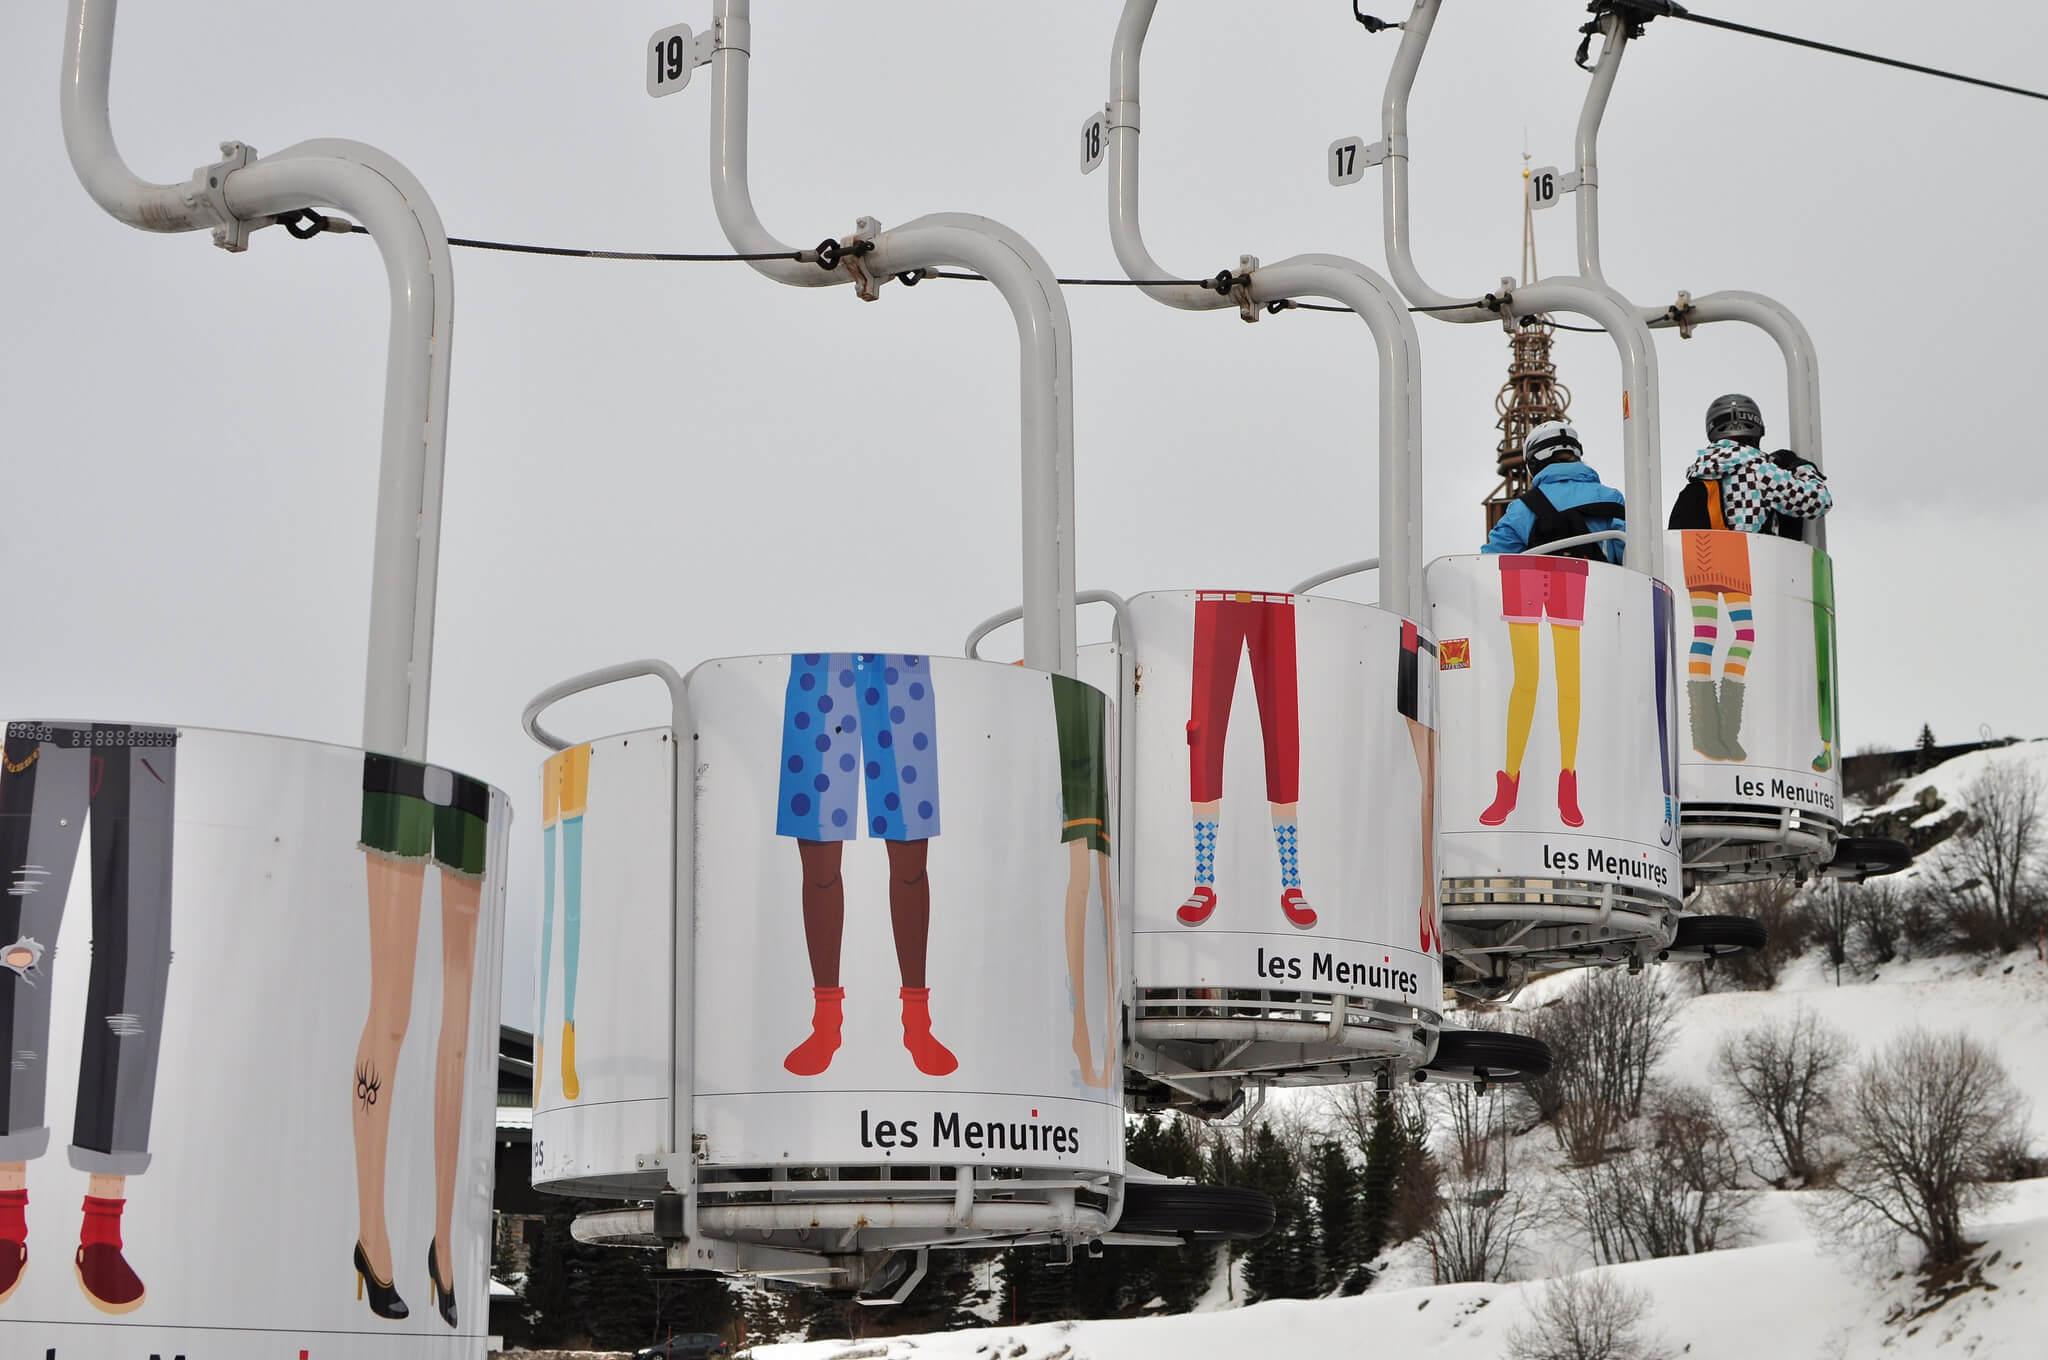 Les ménuires stations de ski populaire sur Facebook